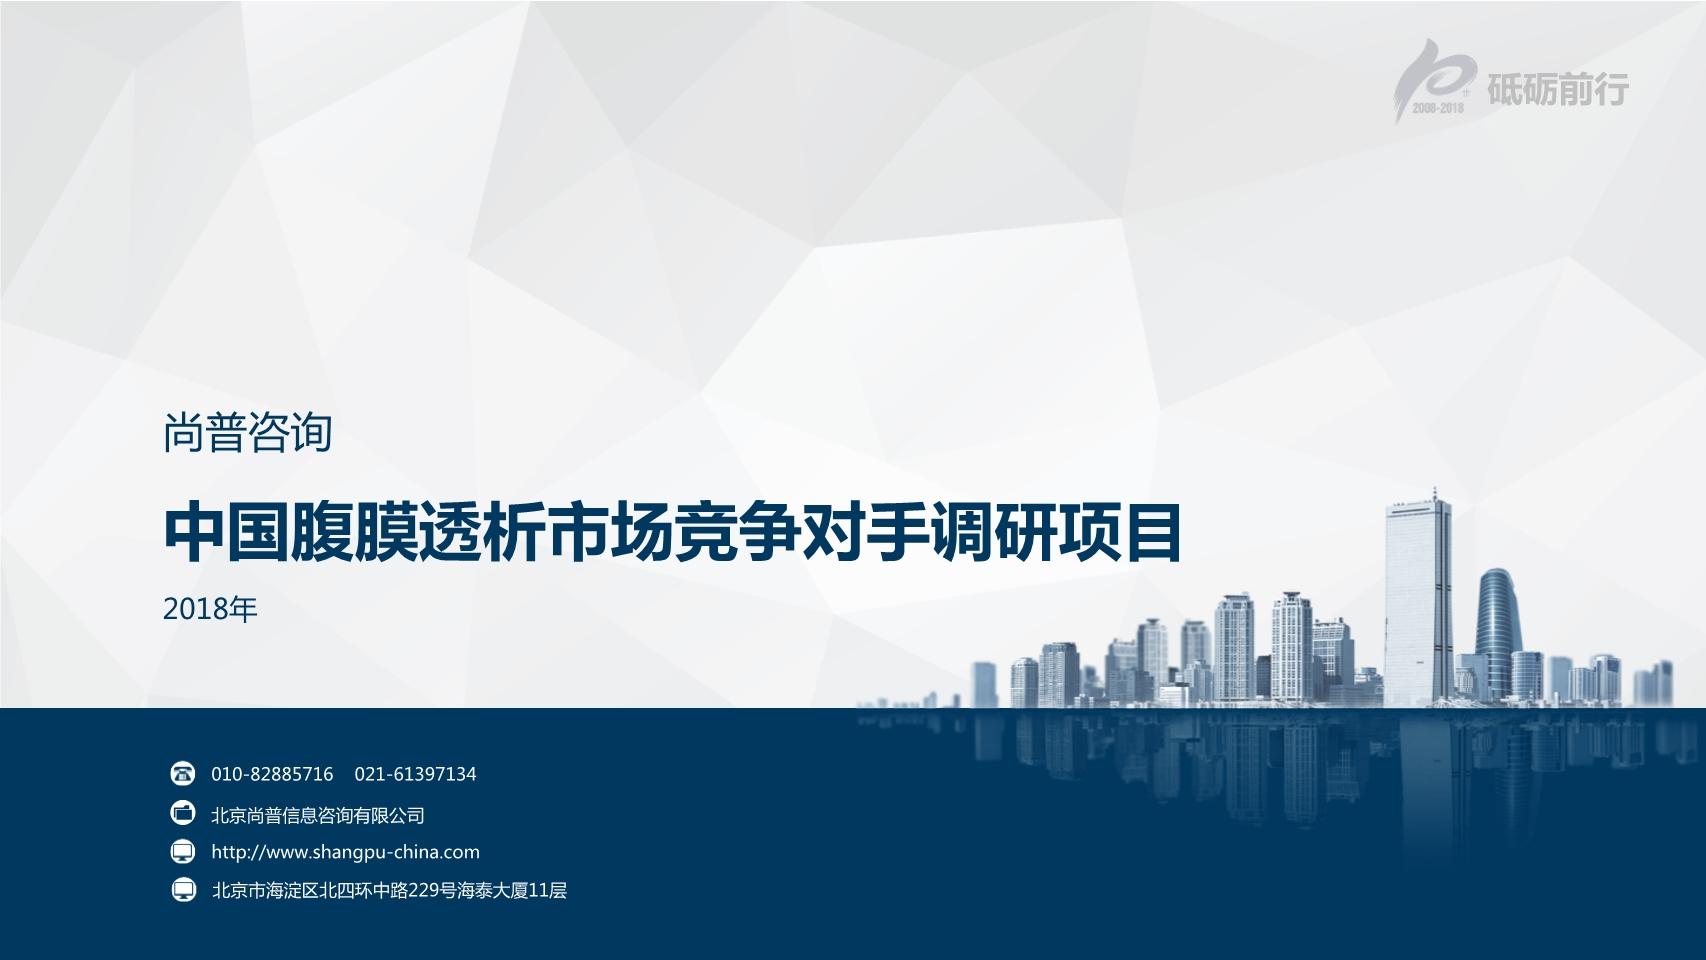 尚普咨询-中国腹膜透析市场竞争对手调研